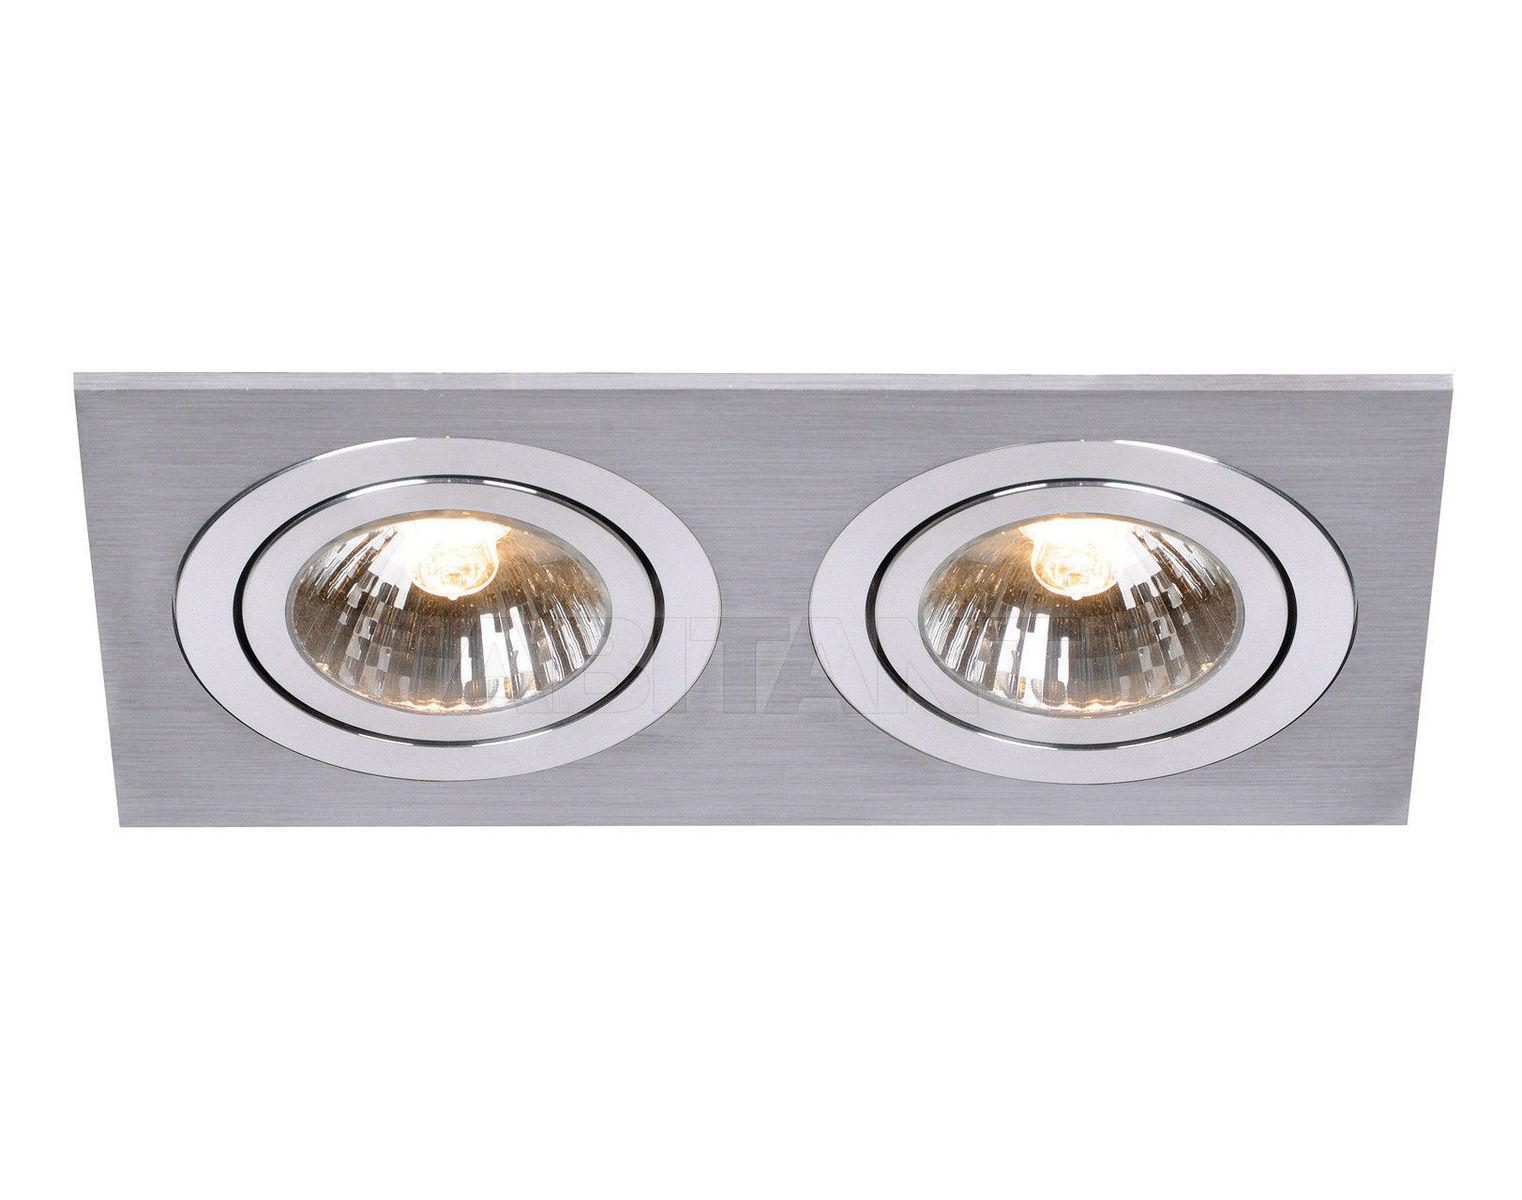 Купить Встраиваемый светильник CHATTY Lucide  Technical 28901/02/12